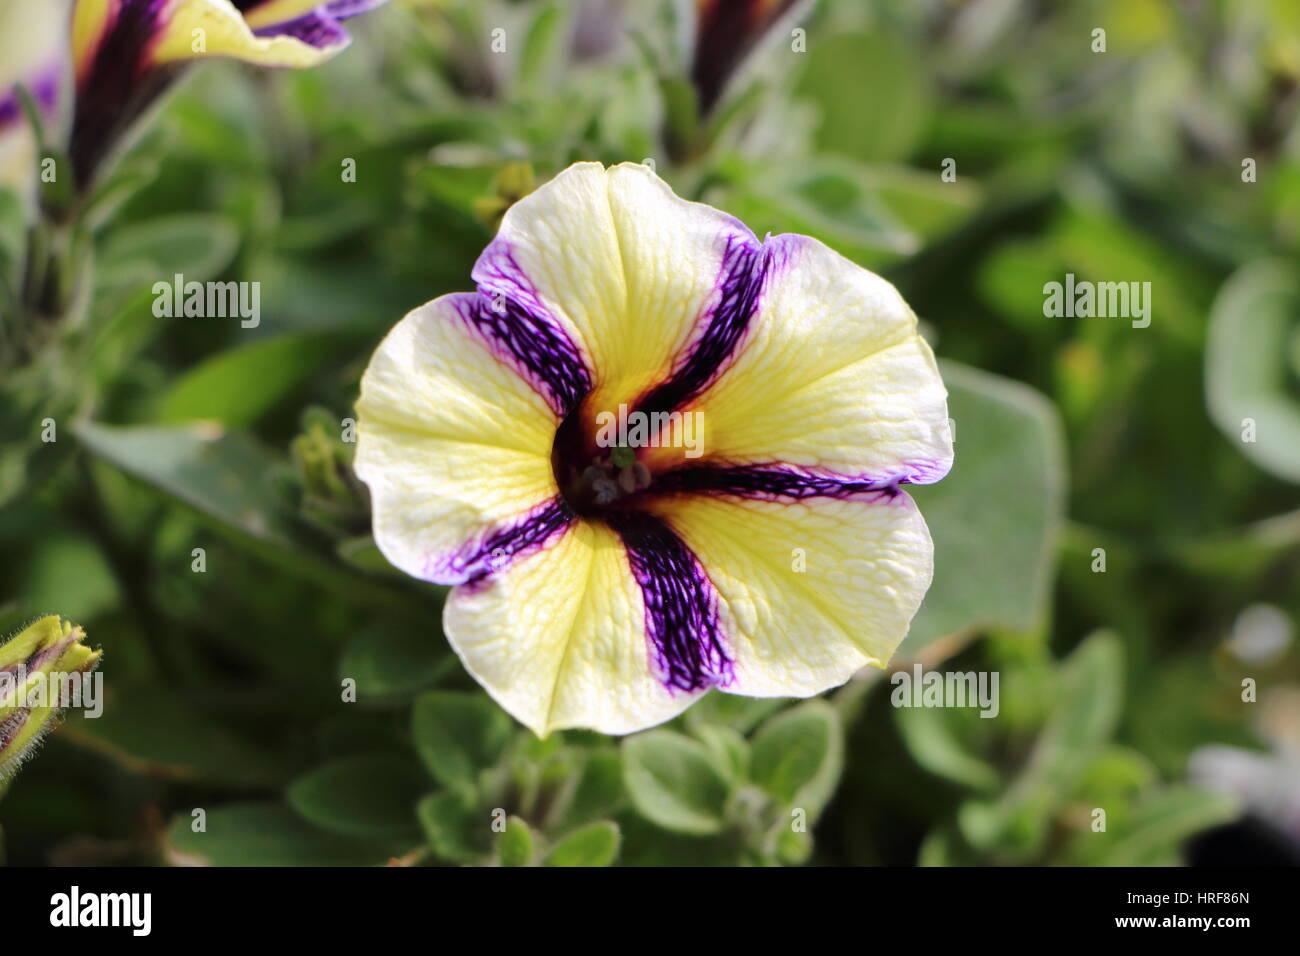 Petunia Flower Garden Spring Stock Photos & Petunia Flower Garden ...